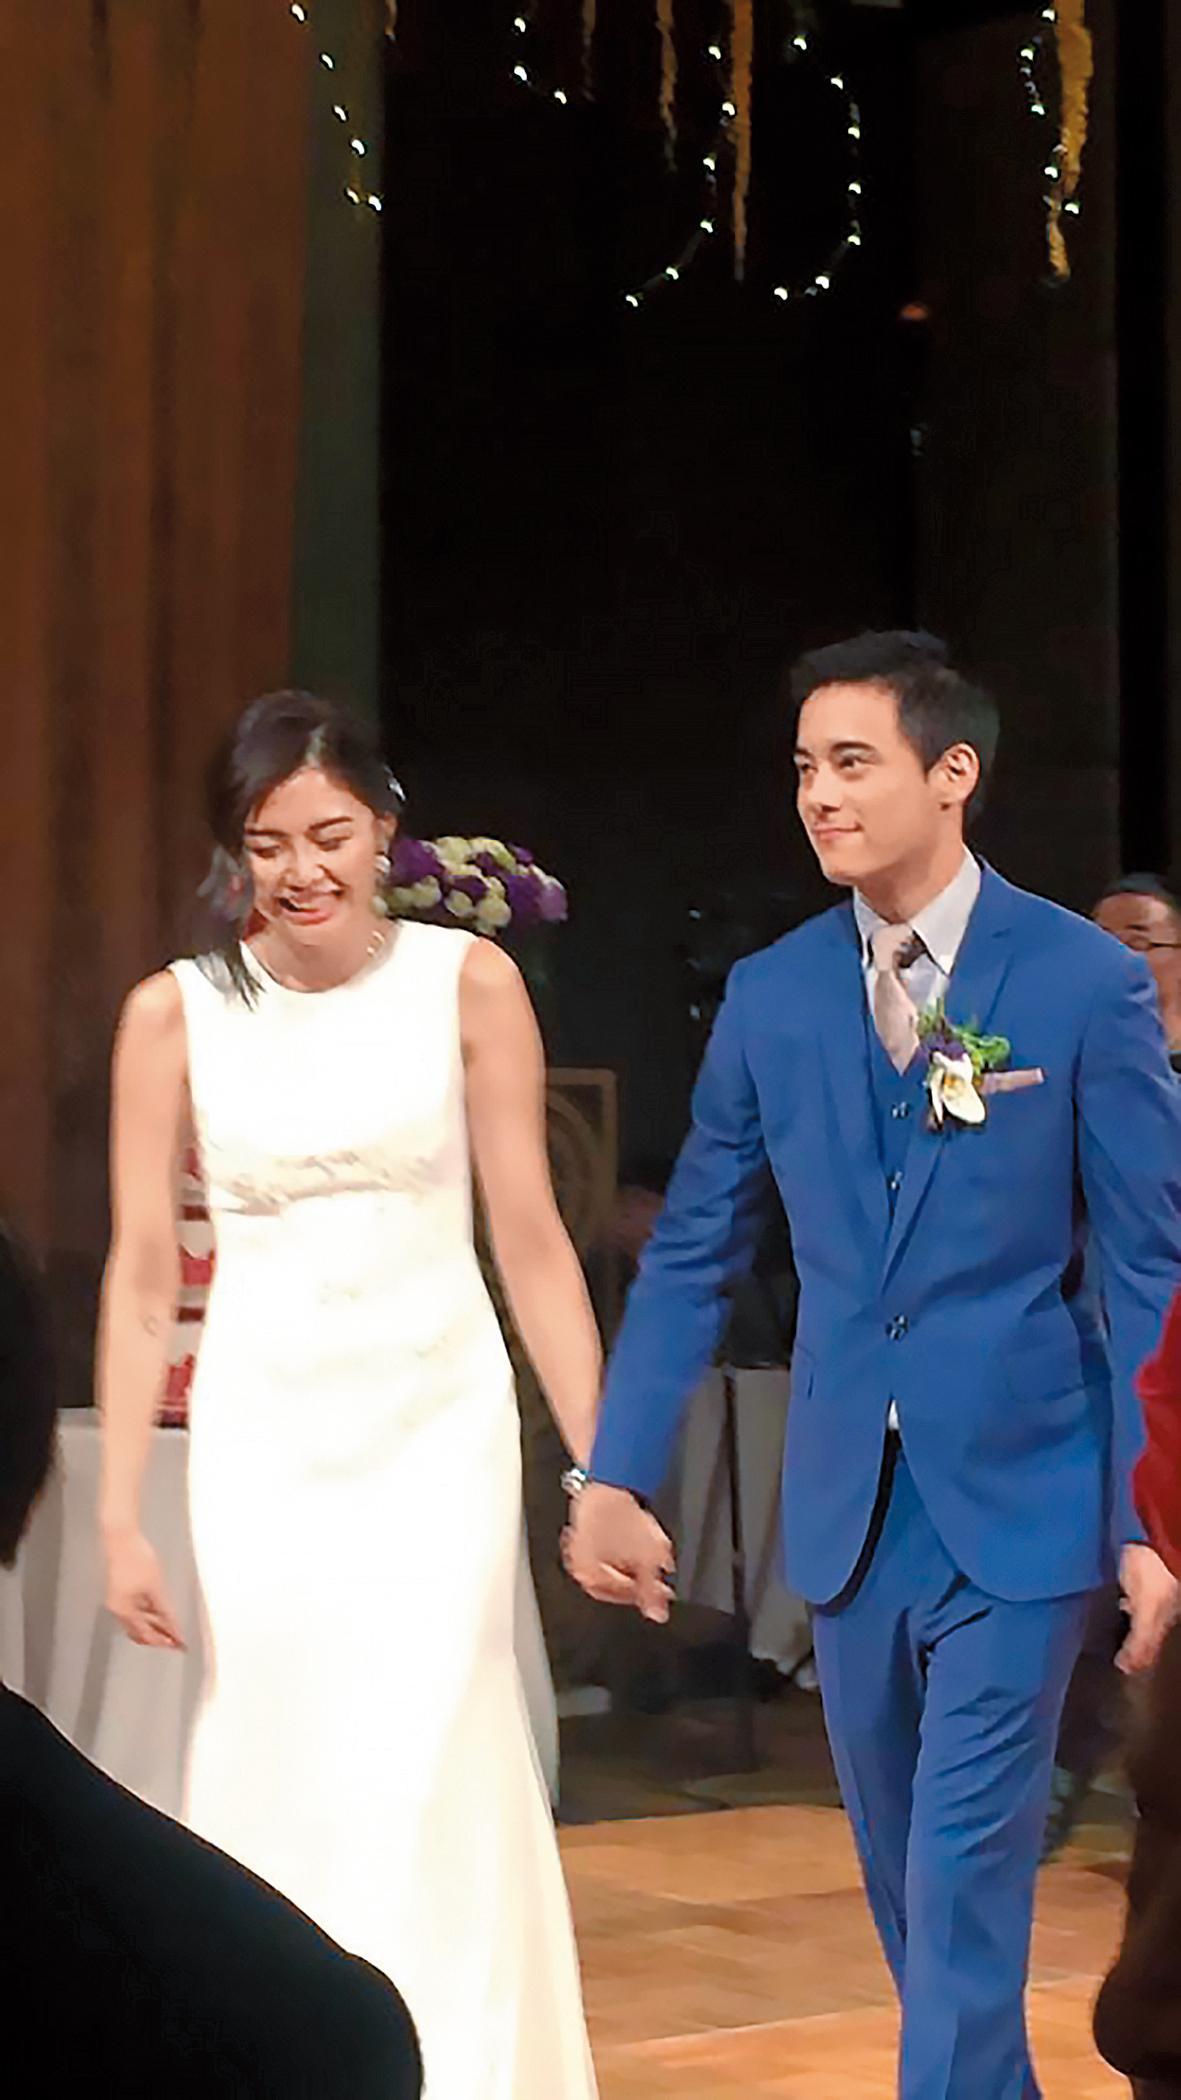 本刊透過管道取得蔣友青4月8日當晚婚宴的照片,跟老婆周玟君看來既幸福又甜蜜。(翻攝自Ta Chnn Kao臉書)